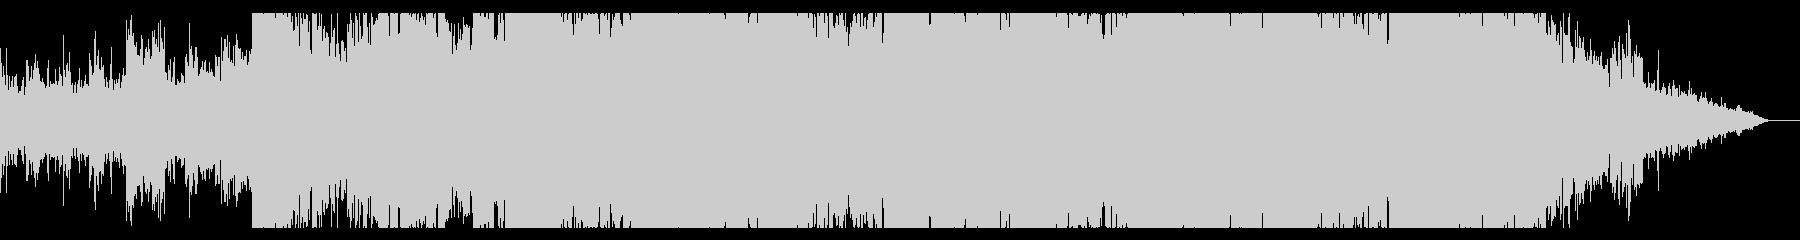 深淵を探求するようなシネマティックBGMの未再生の波形